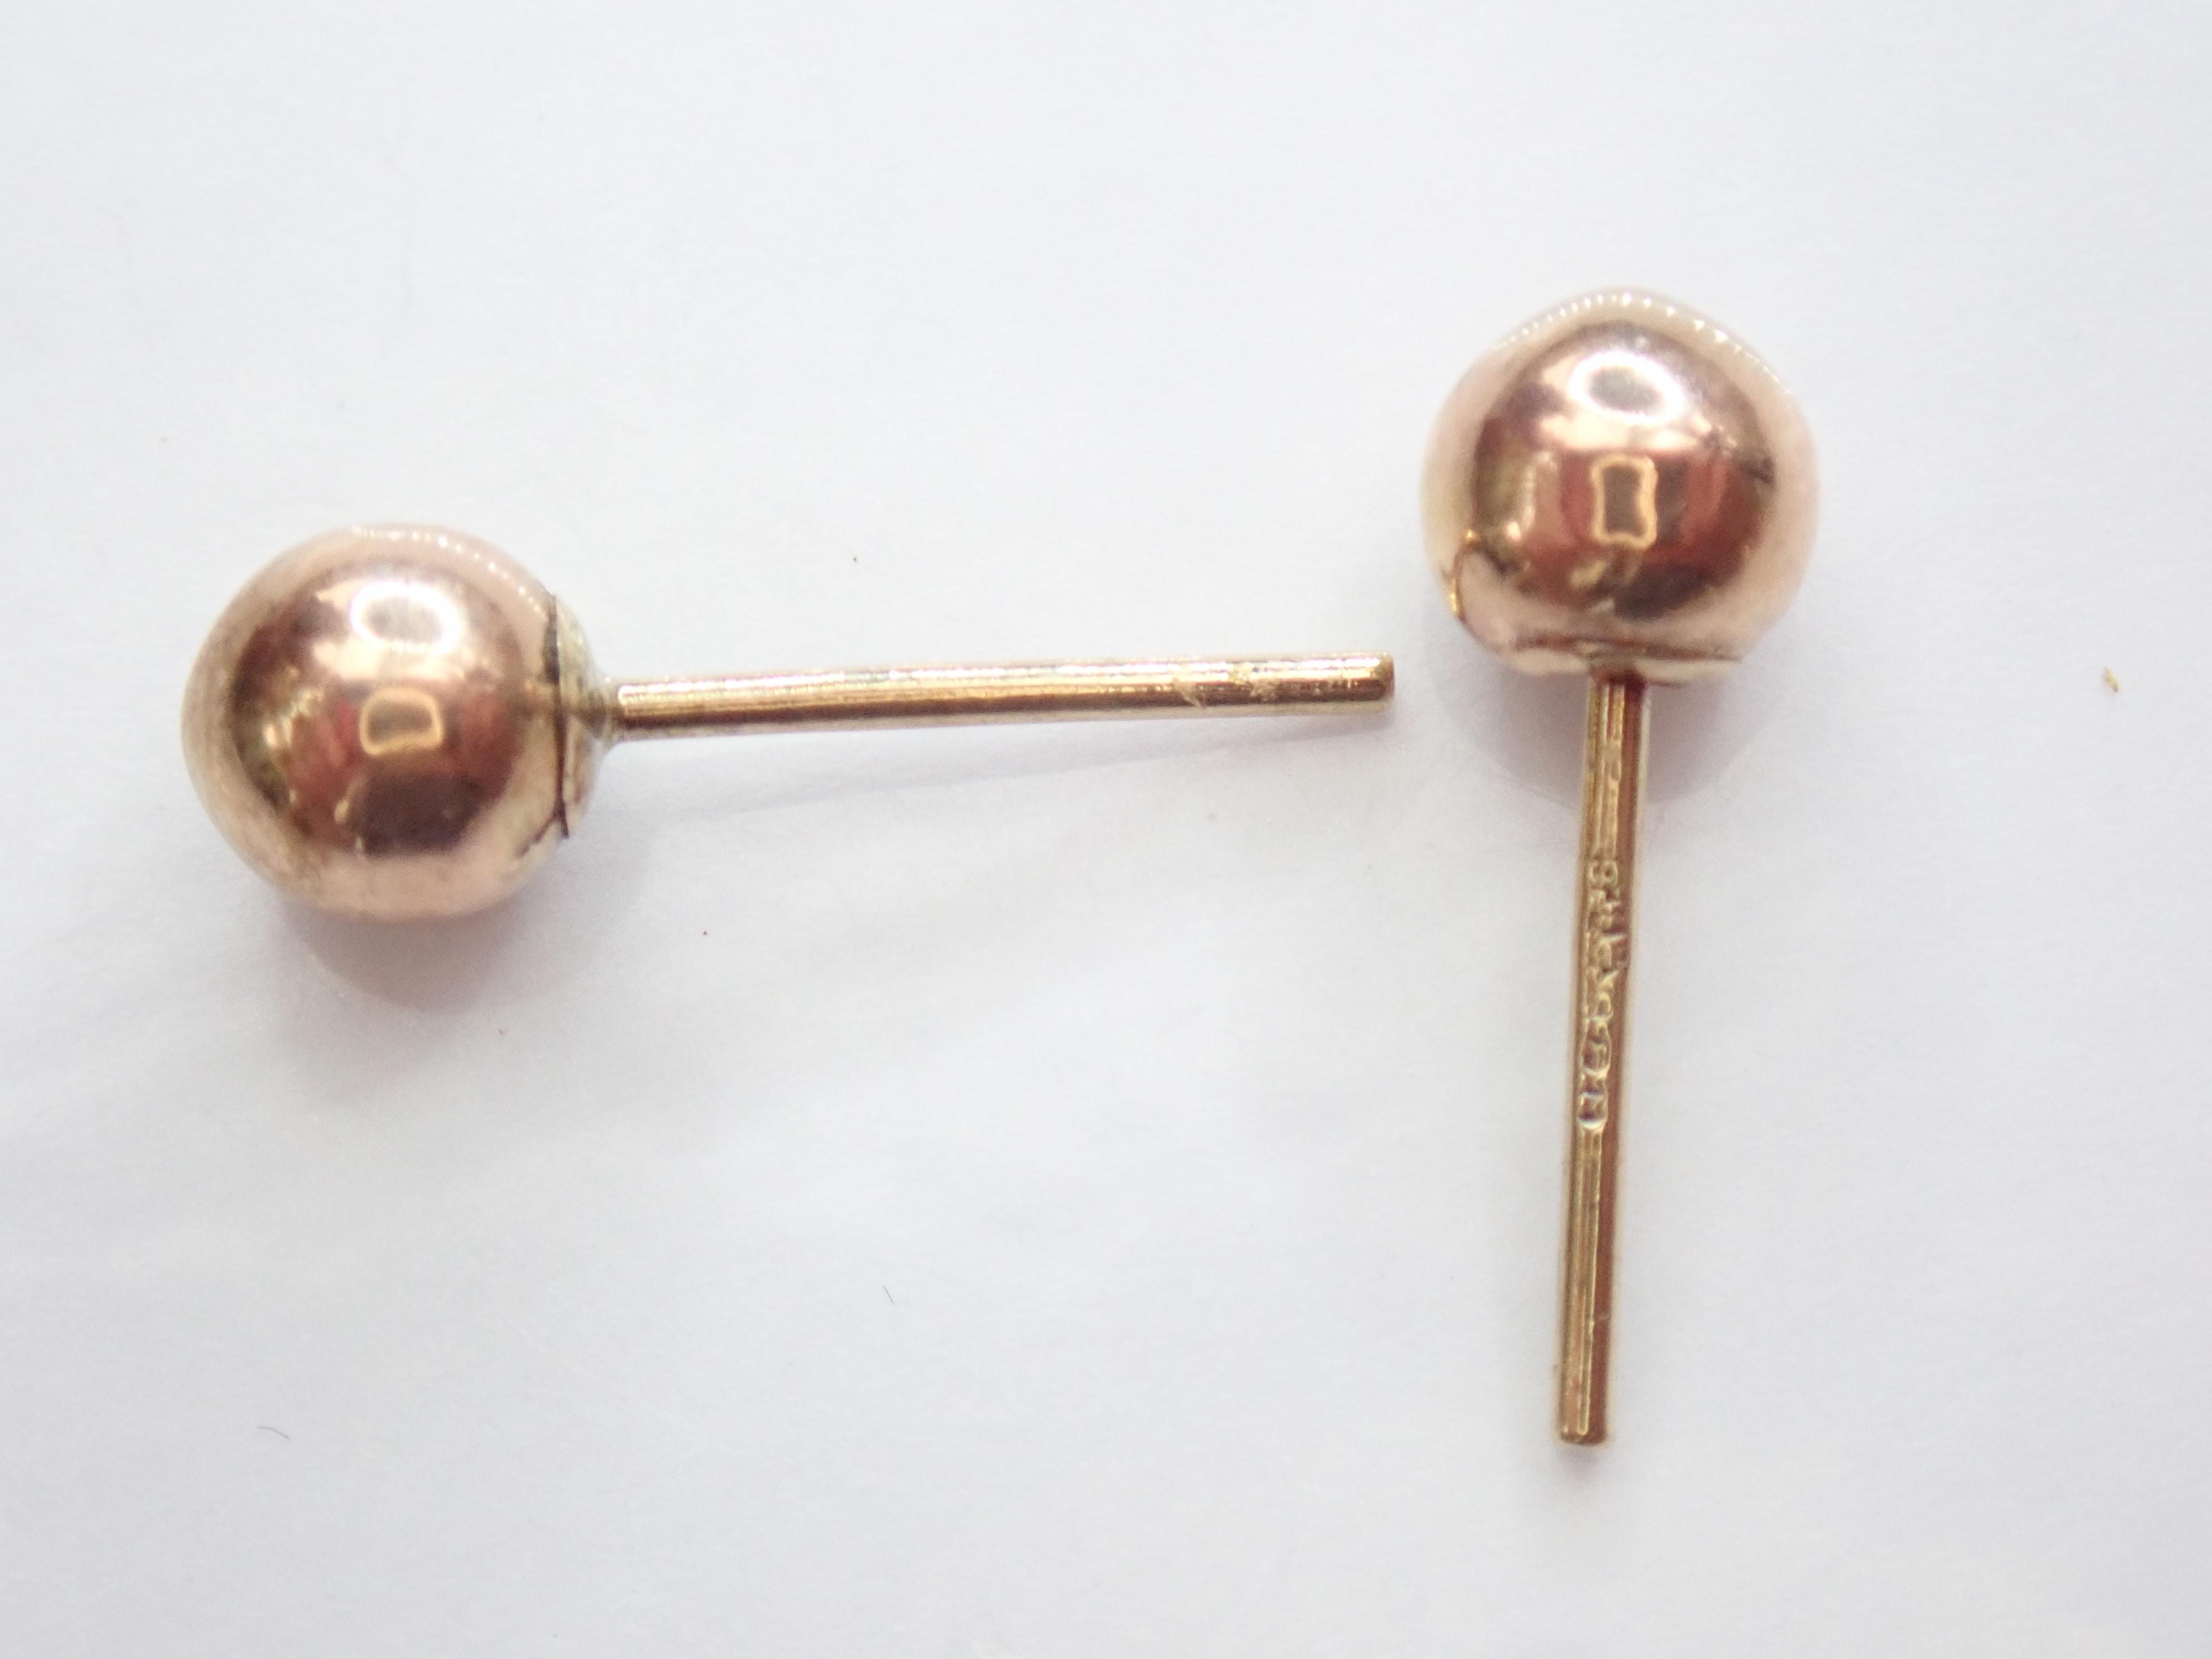 9k 375 Rose / Red gold Ball Stud Earrings 4.96mm Dia – #7.1